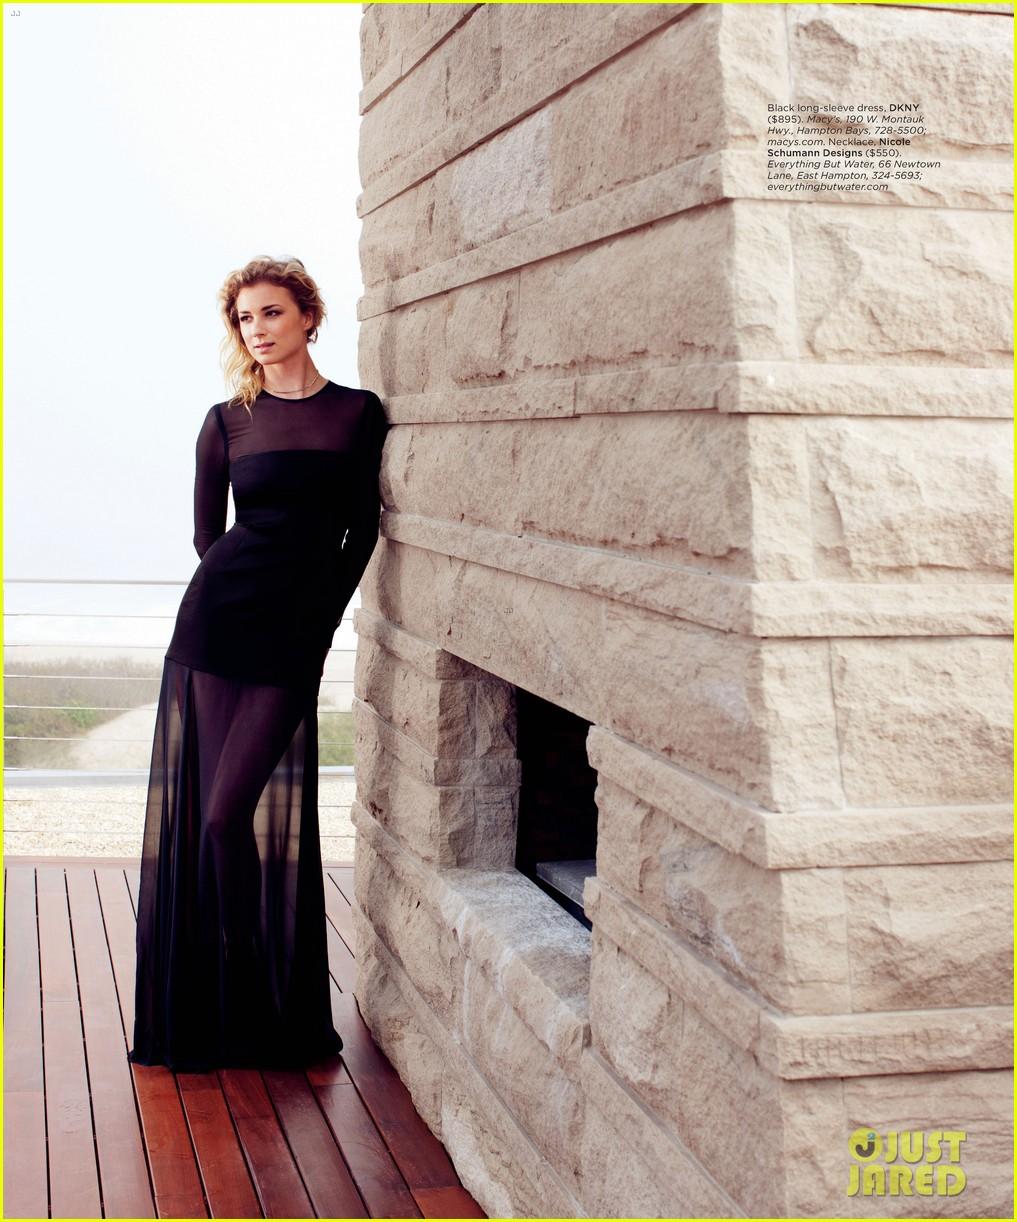 Revenge - saison 2 le 30/09, sur ABC - Page 5 Emily-vancamp-covers-hamptons-magazine-september-2012-04